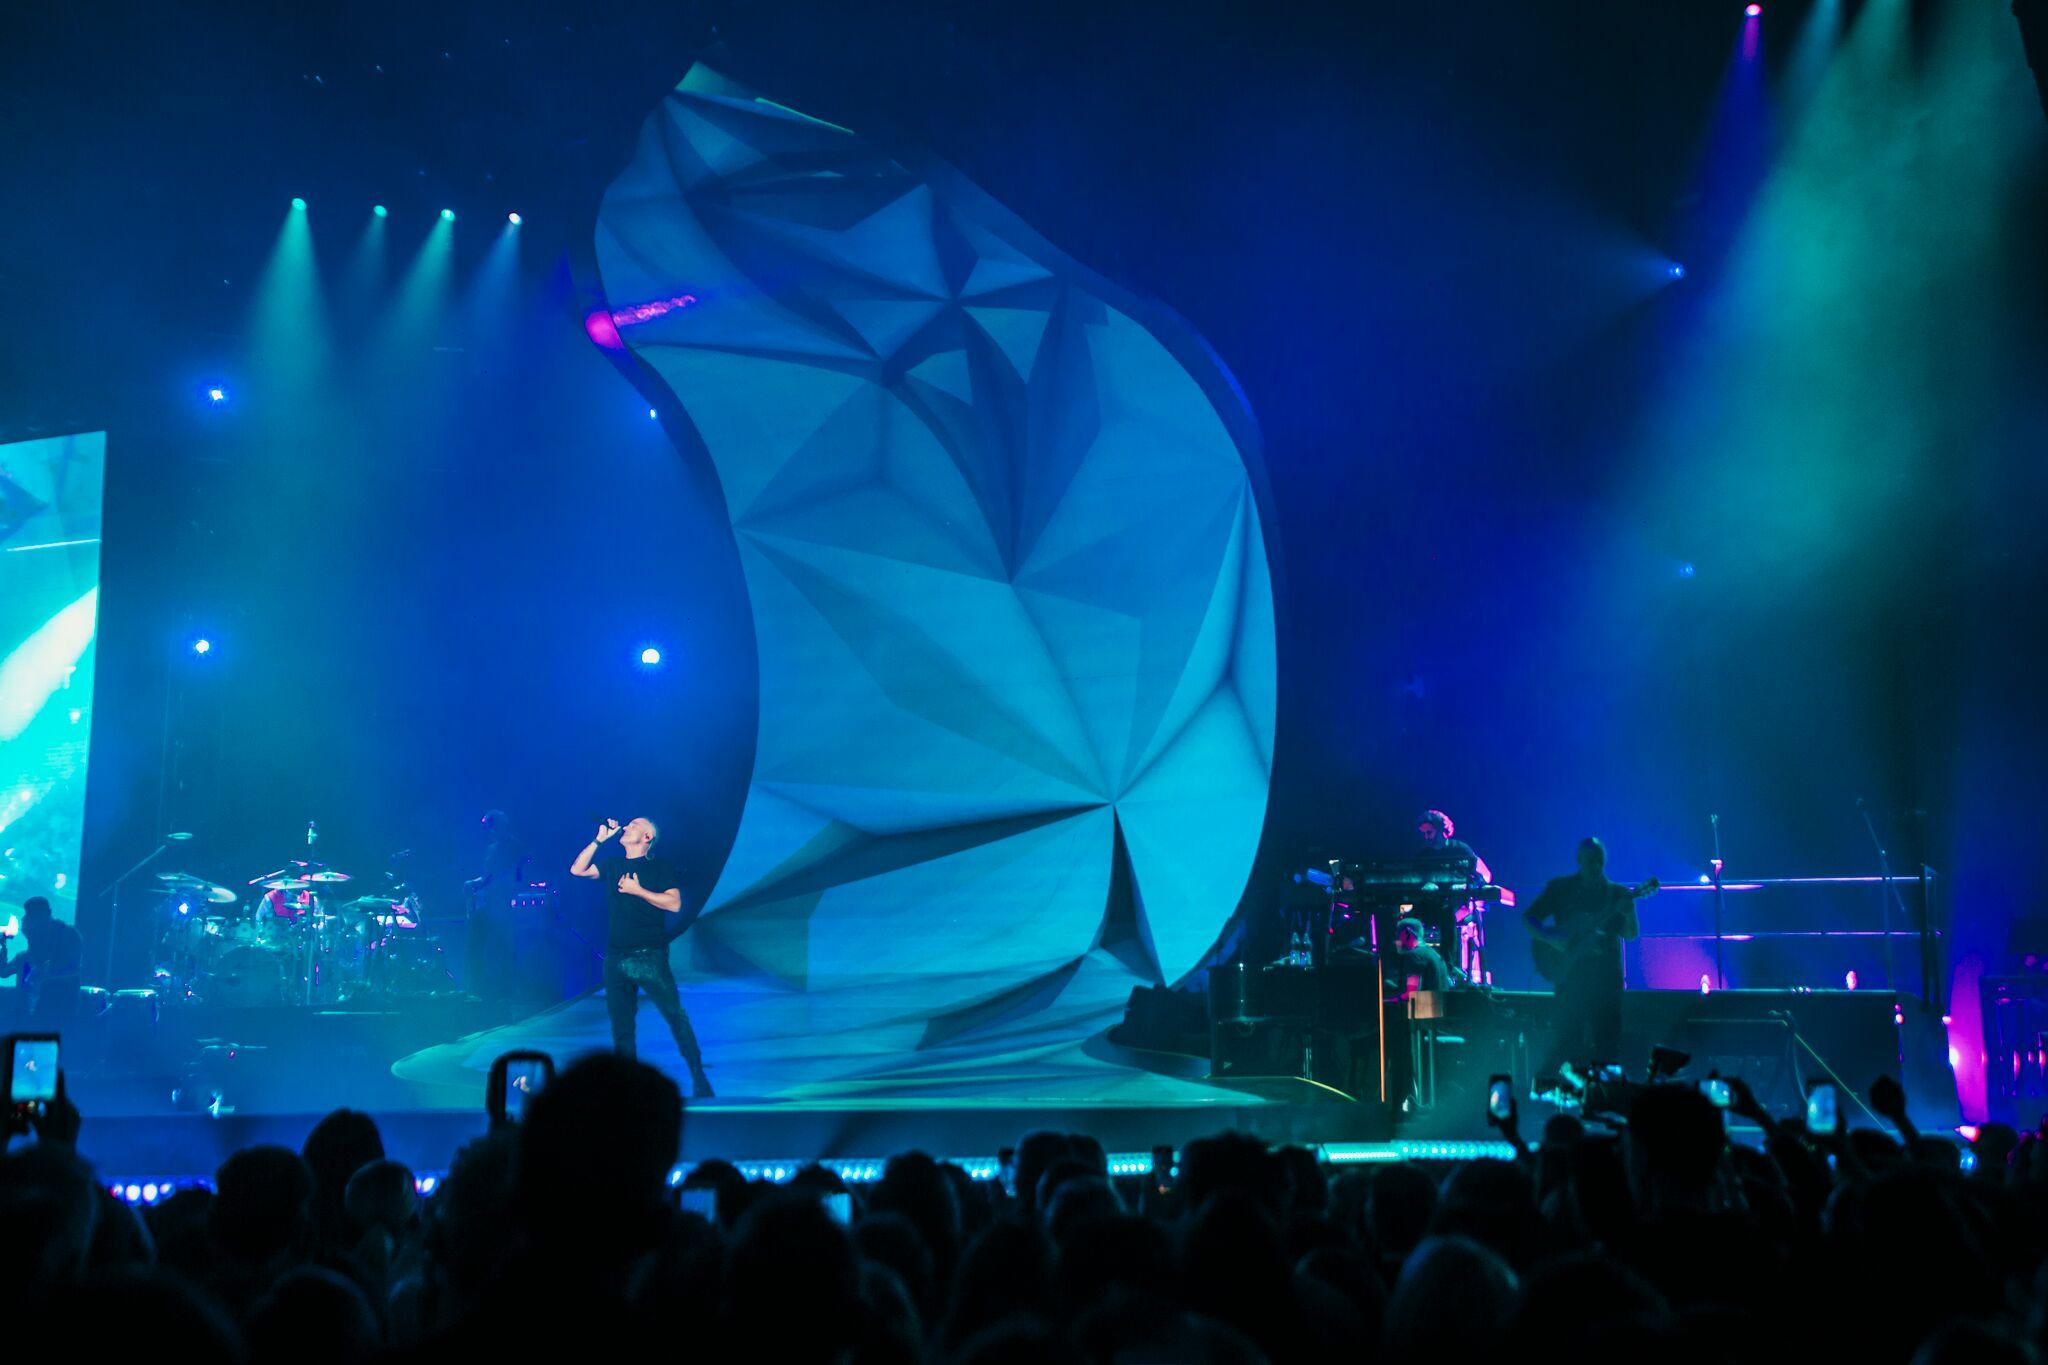 Eros Ramazzotti: iniziato il Vita ce n'è World Tour – Foto e Video